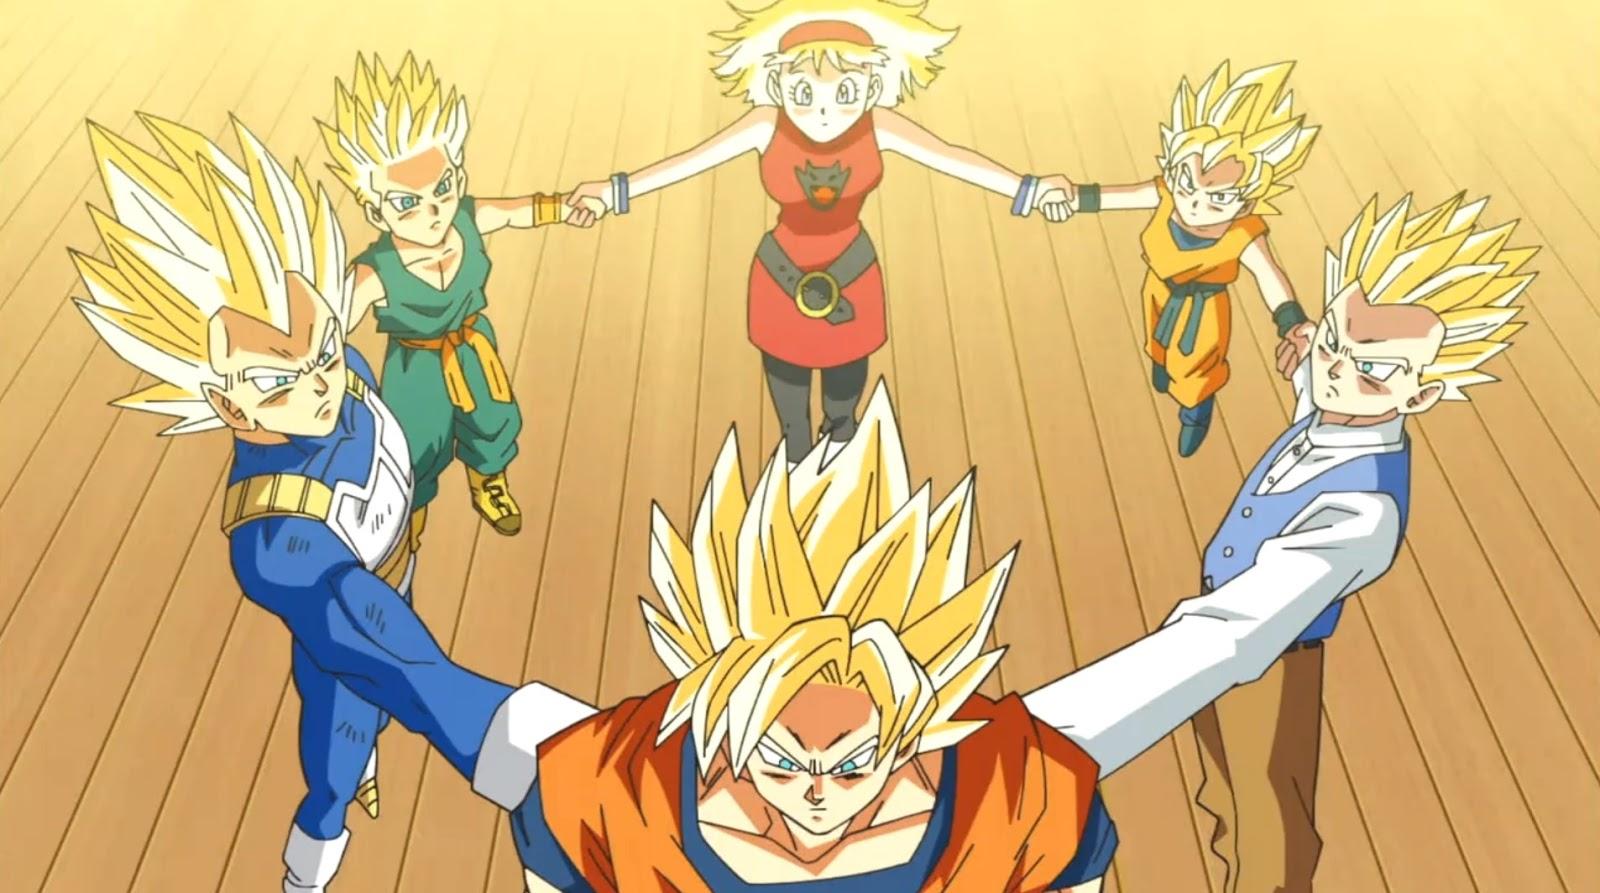 Dragon Ball Super Dublado Episódio 9, Assistir Dragon Ball Super Dublado Episódio 9, Dragon Ball Super Dublado , Dragon Ball Super Dublado - Episódio 9 HD,